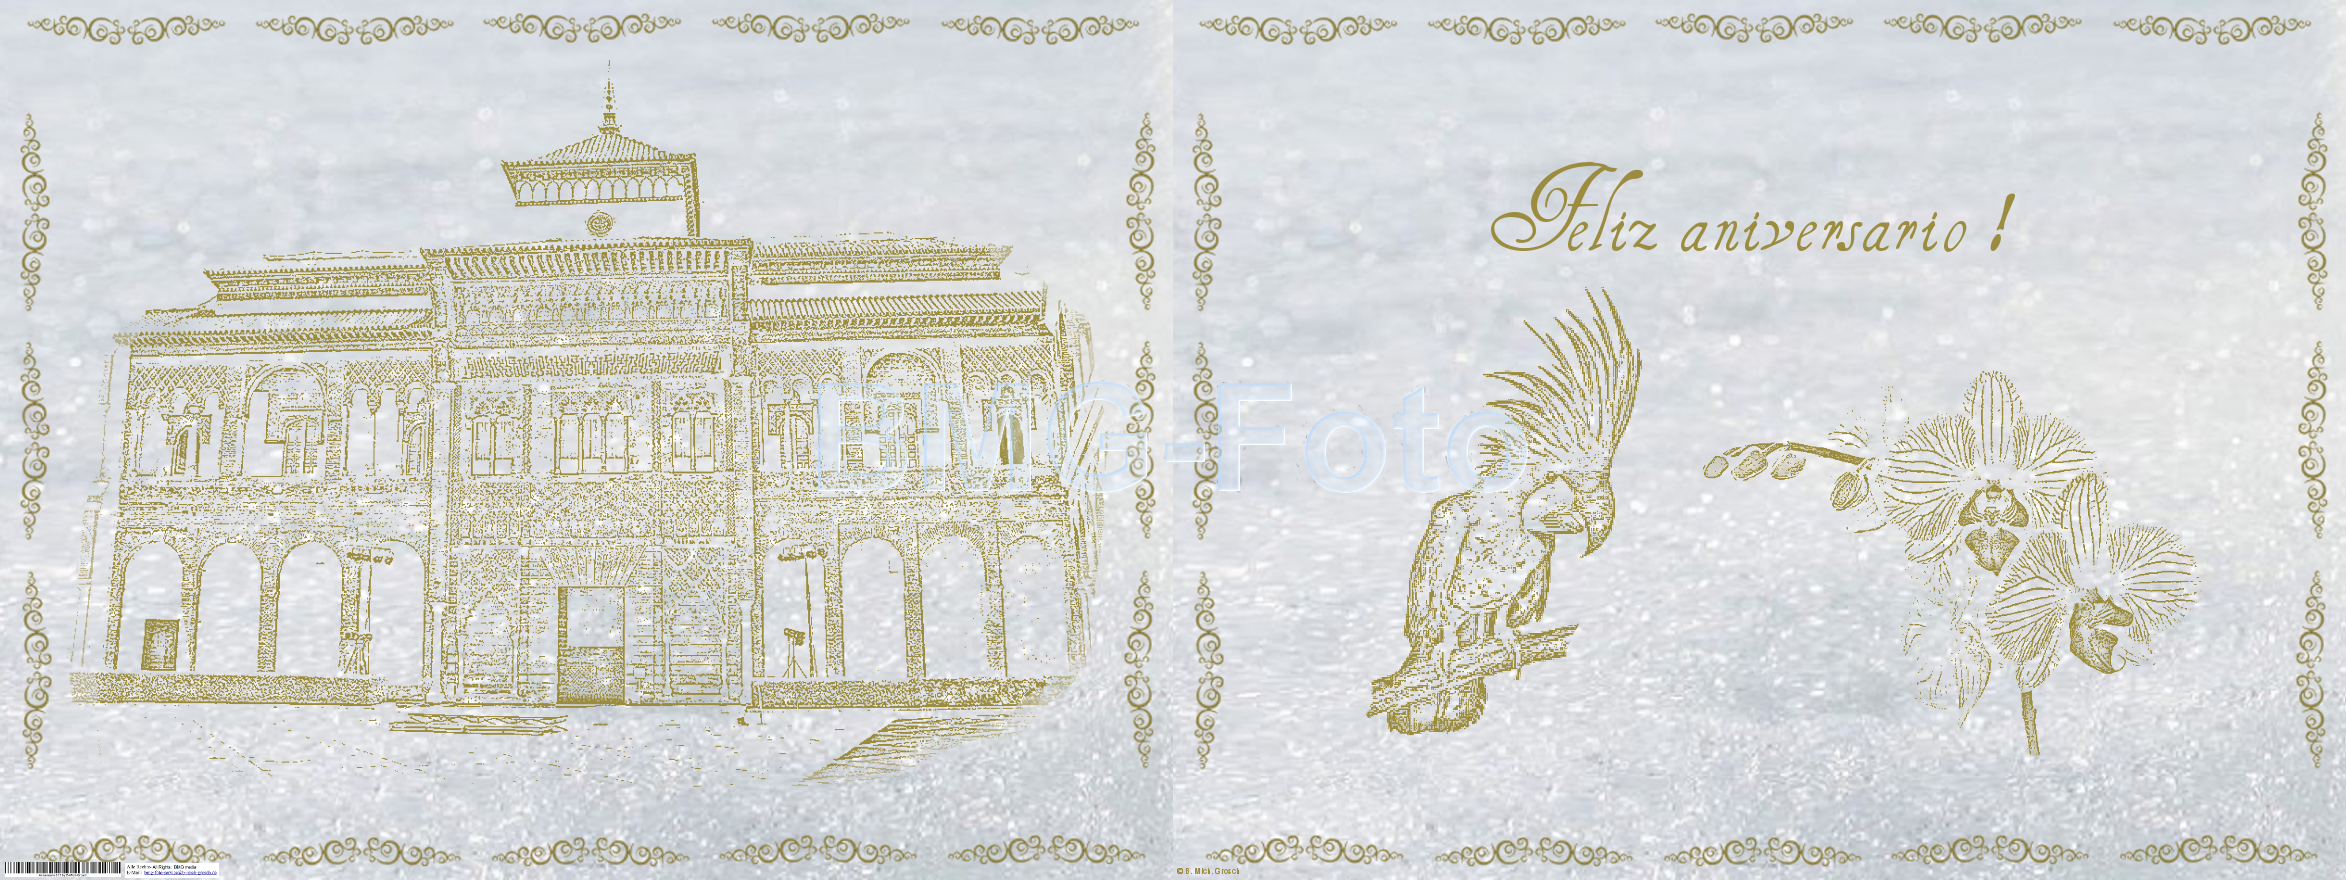 Aniversario 012 - BMG-Foto-cards